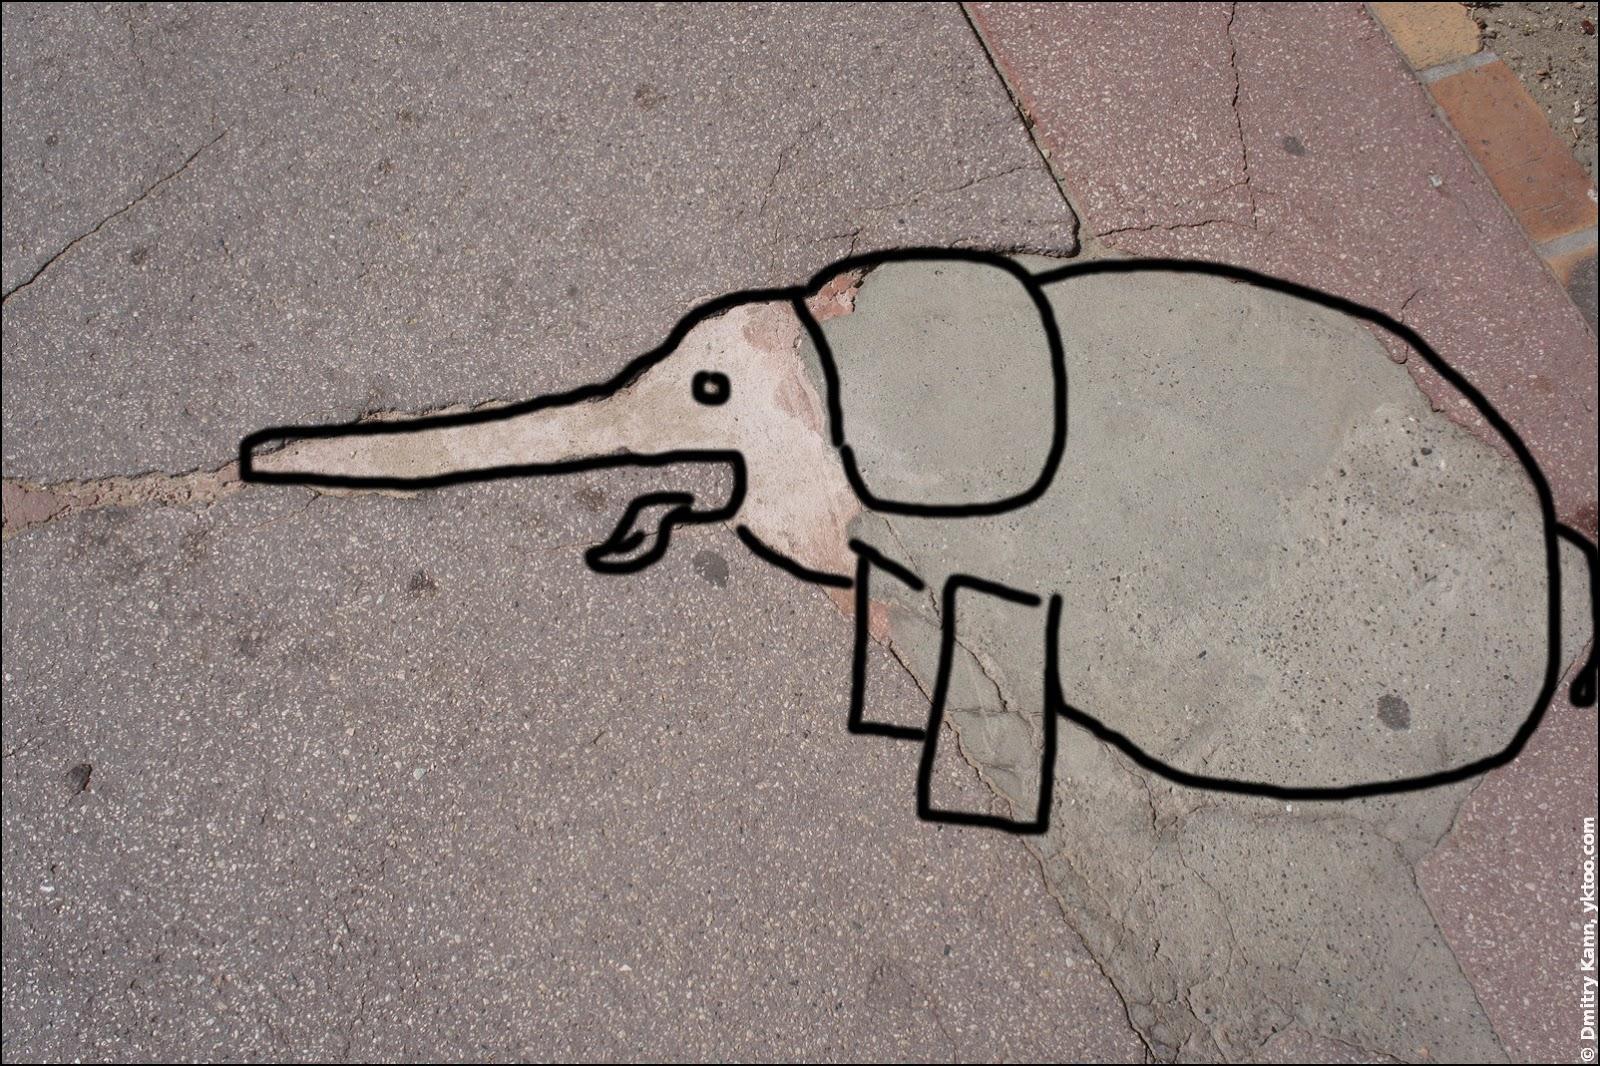 An elephant!